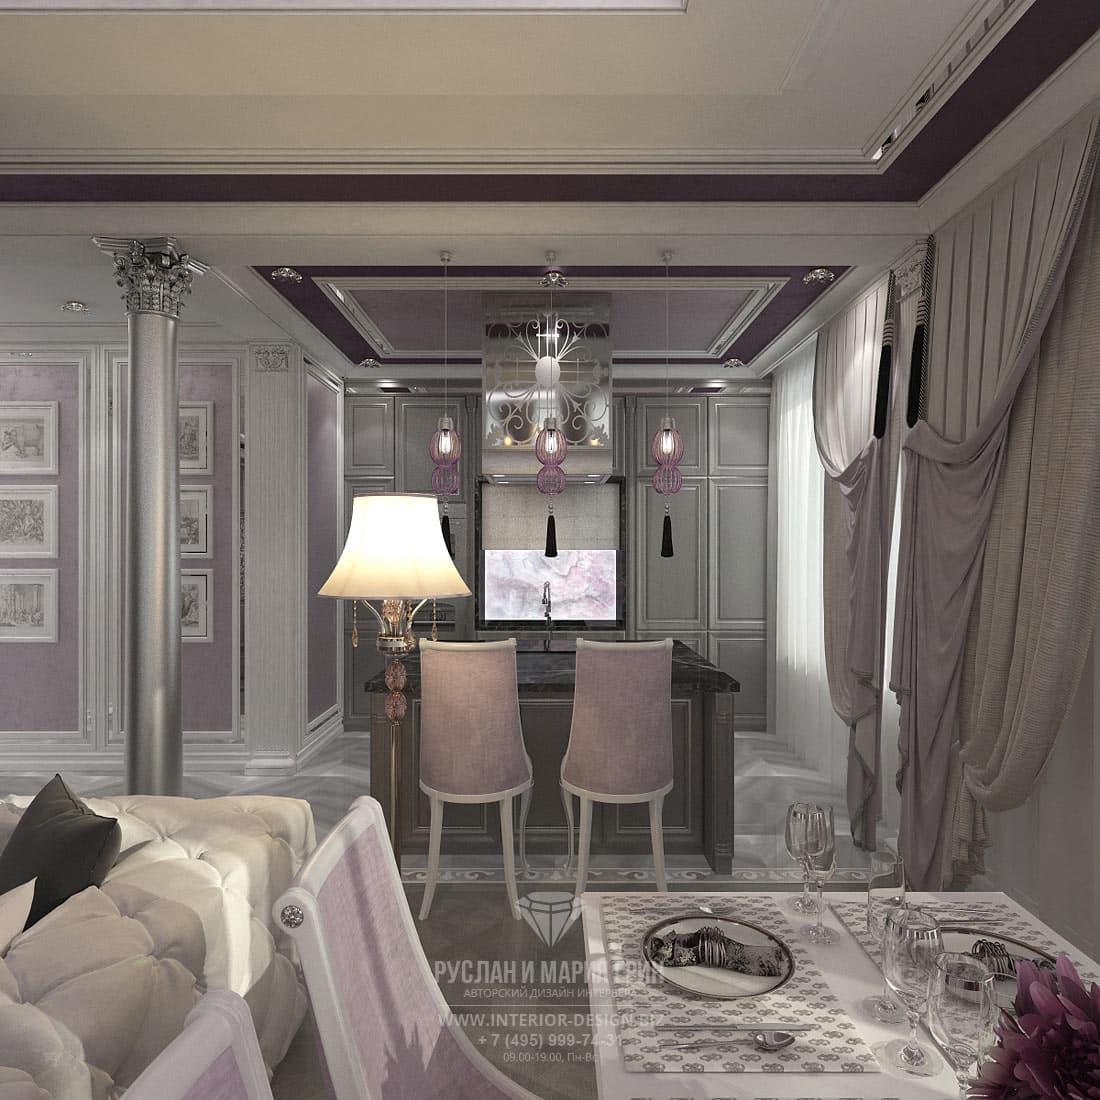 Дизайн интерьера кухни с островом в трехкомнатной квартире